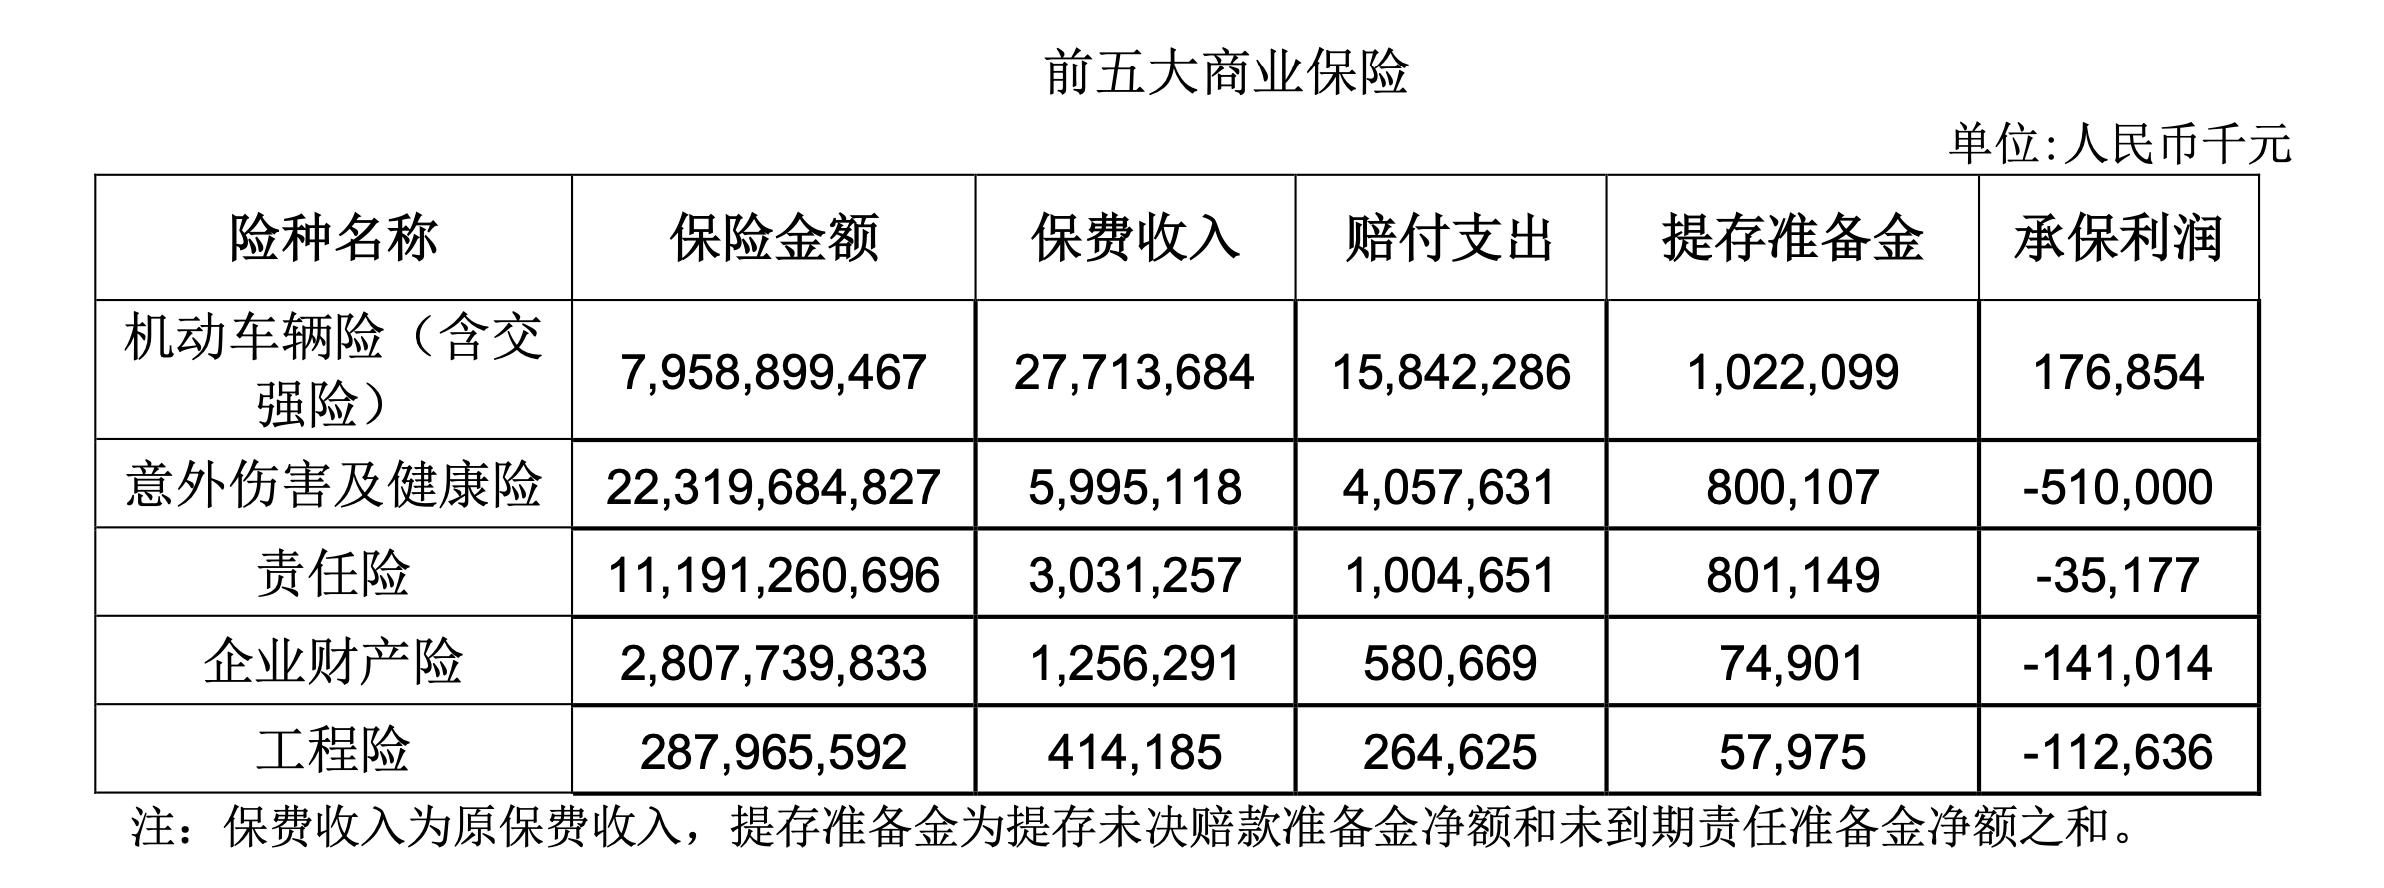 中华财险渡劫一年:营收、投资收益双增 净利缩水近半